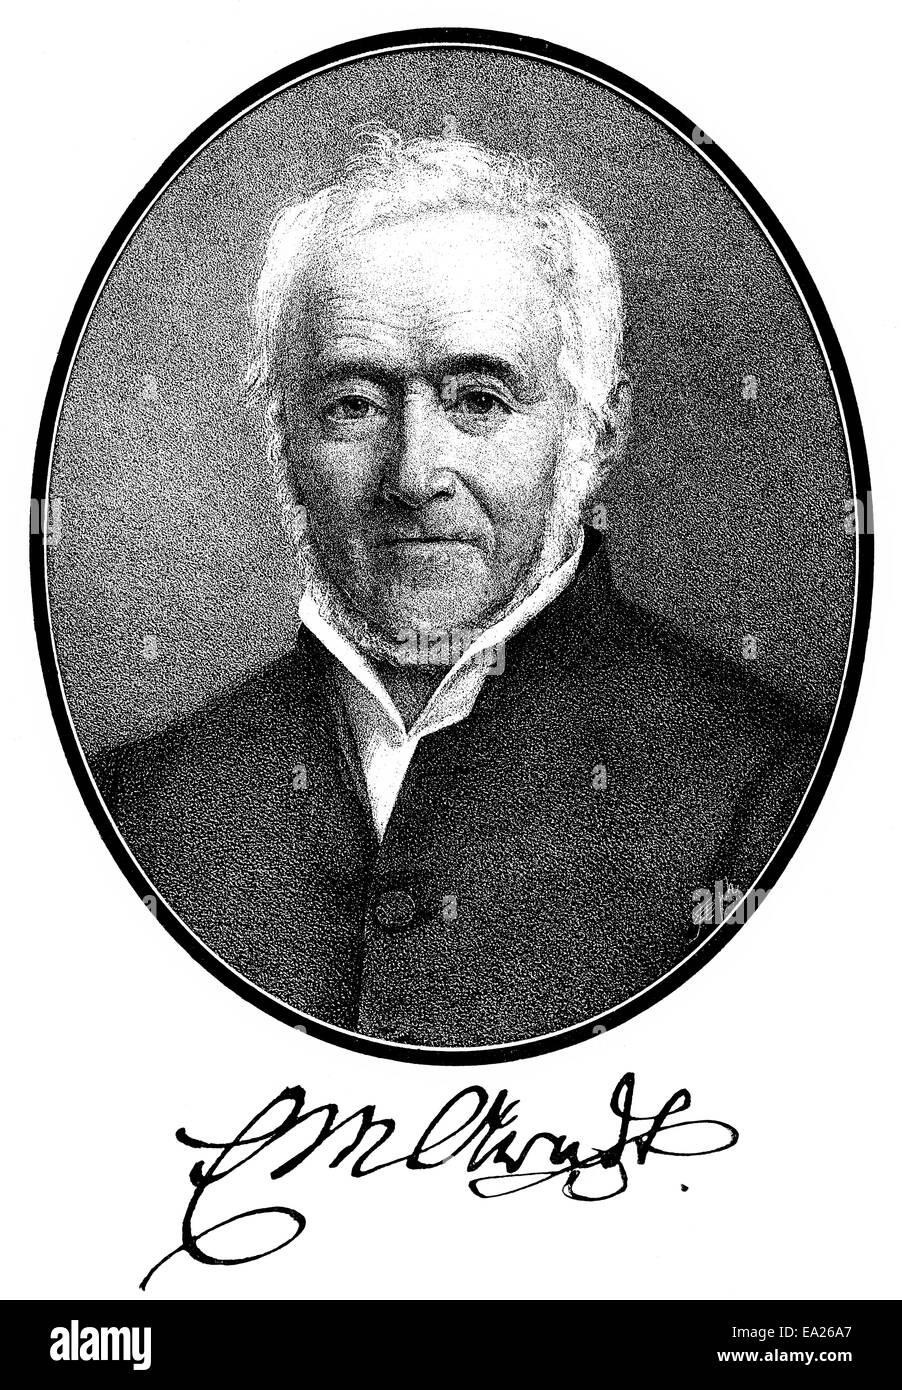 Ernst Moritz Arndt, 1769 - 1860, a German writer and deputy of the National Assembly in Frankfurt, Ernst Moritz - Stock Image